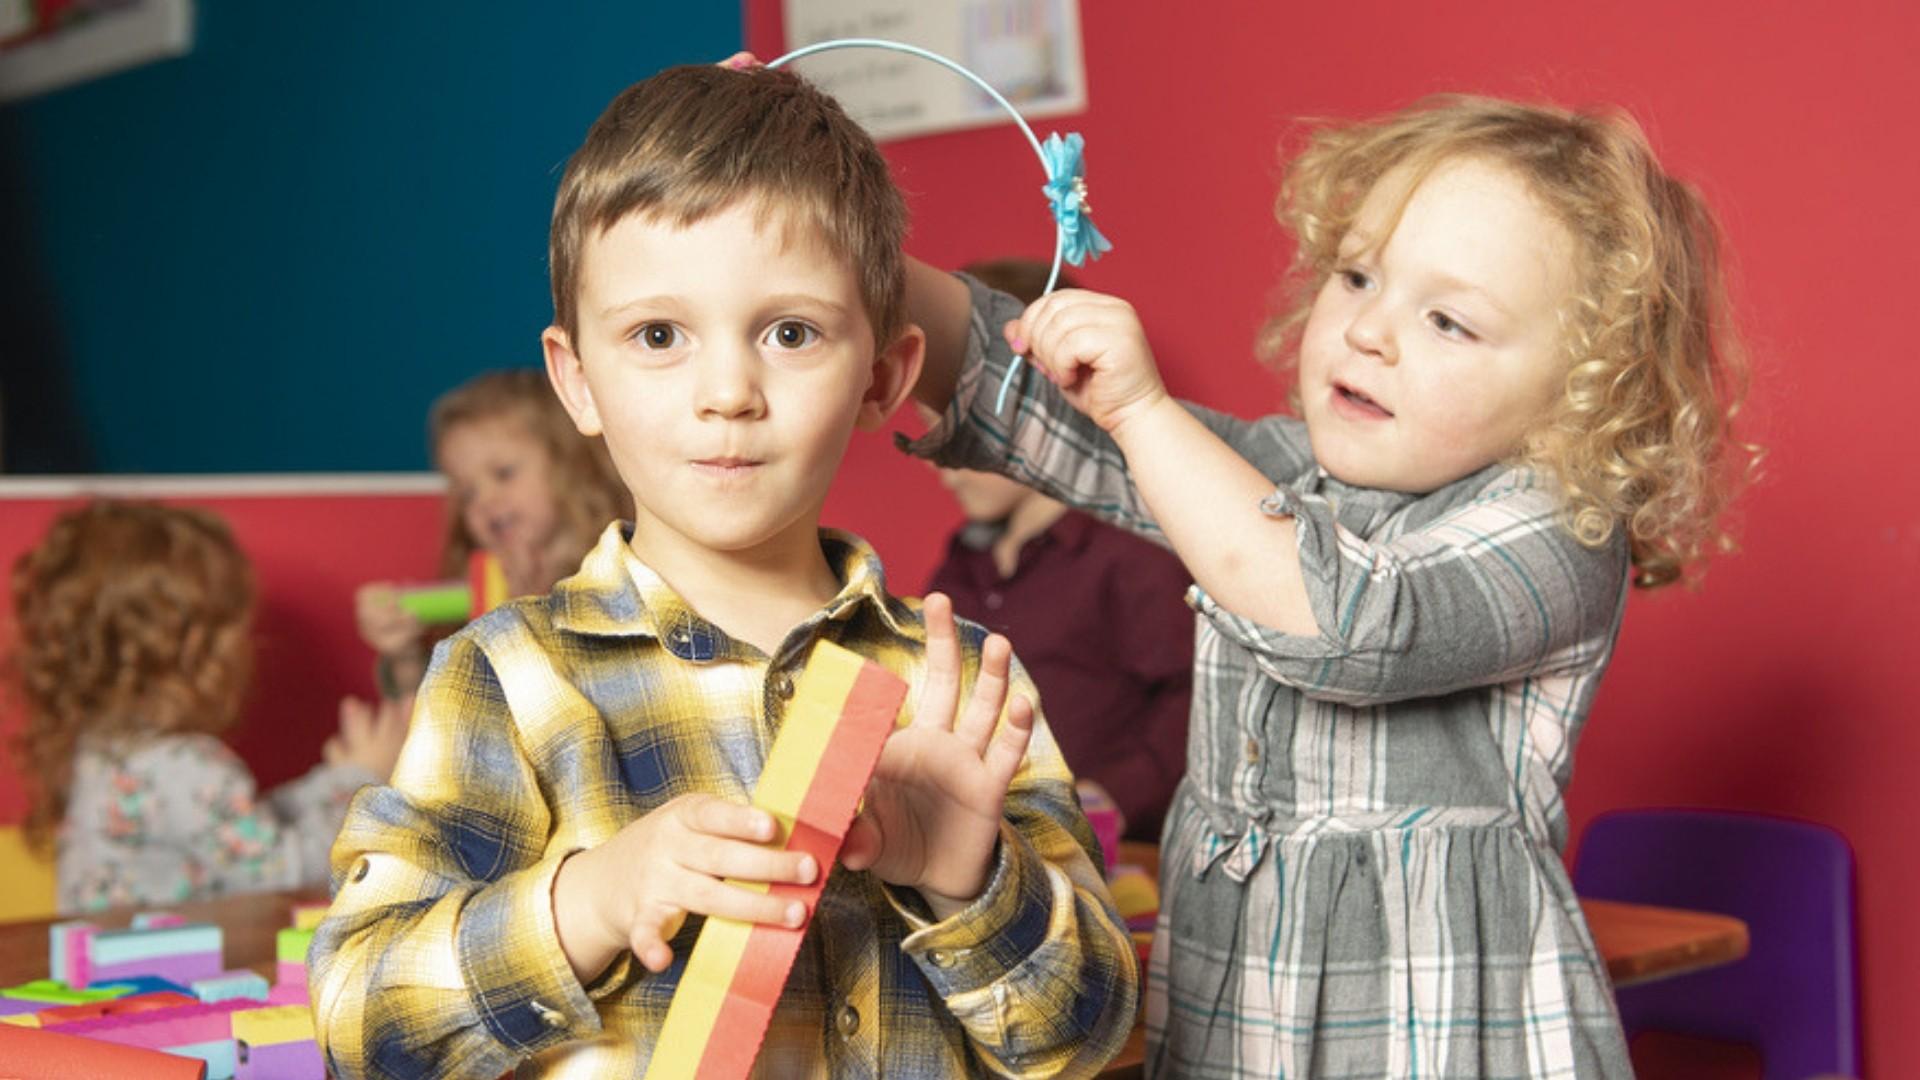 Kinder können sich in der Kita mit Krankheiten anstecken